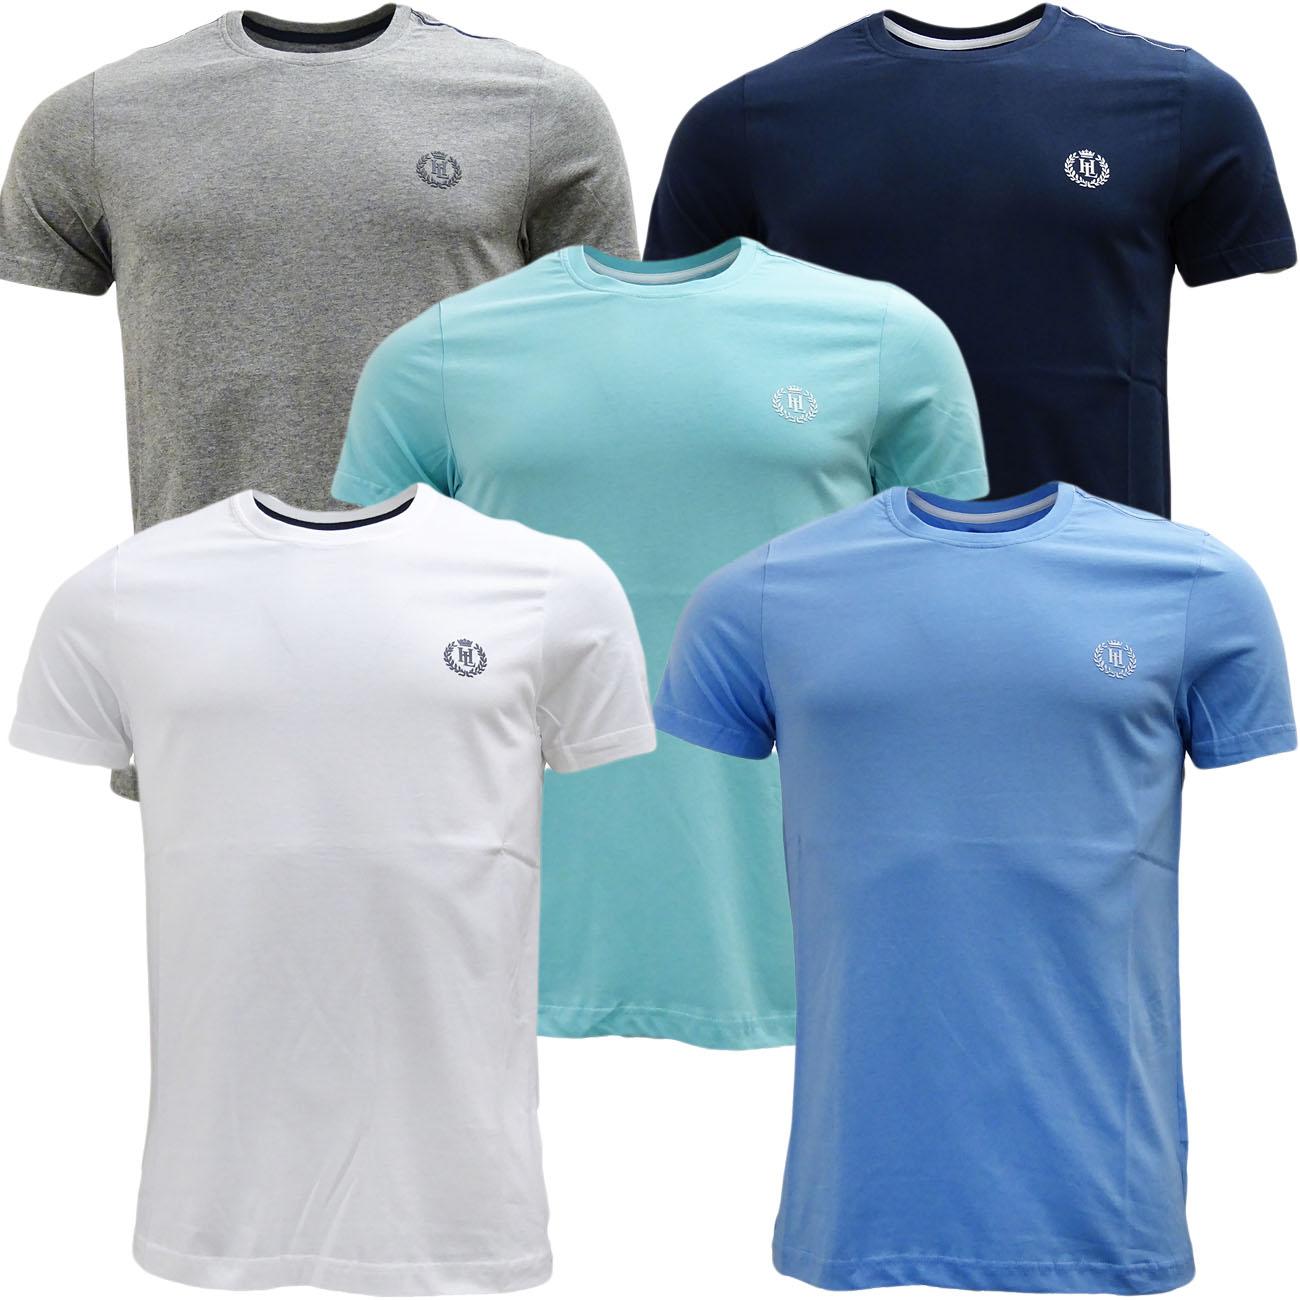 Henri Lloyd Plain T Shirt 'Radar'